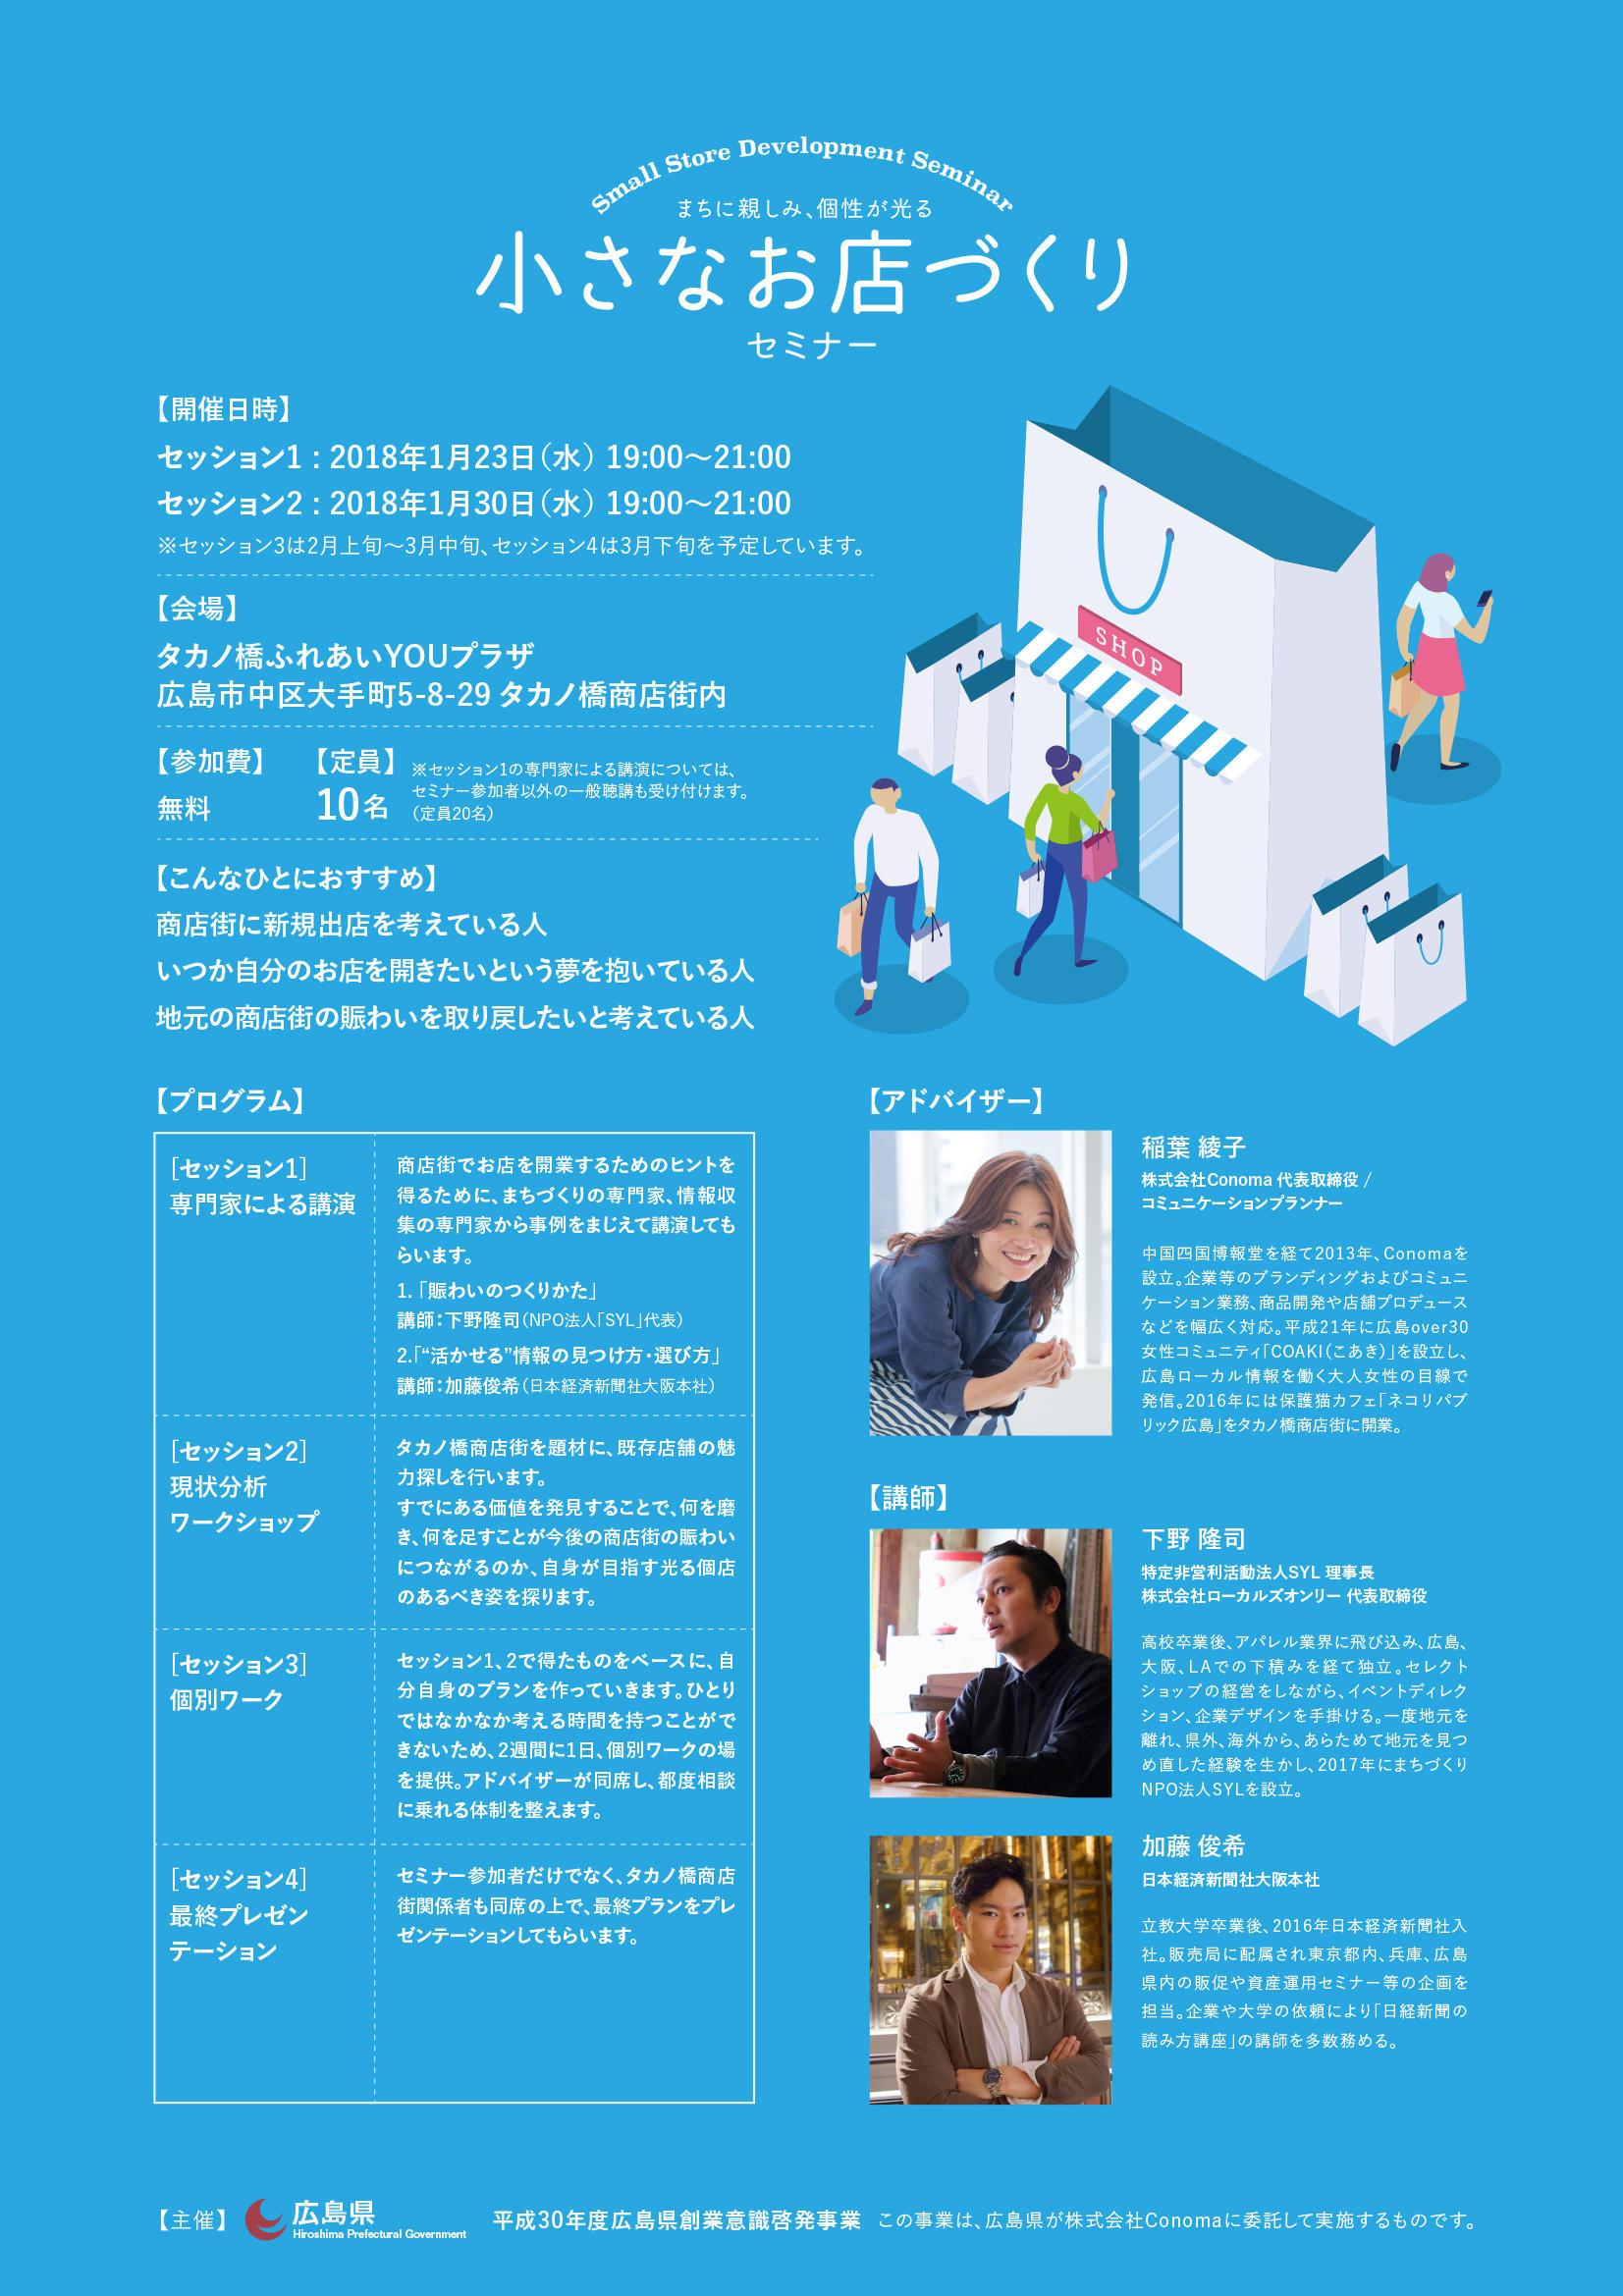 http://coaki.jp/hiroshima/omise_seminar_ura.jpg